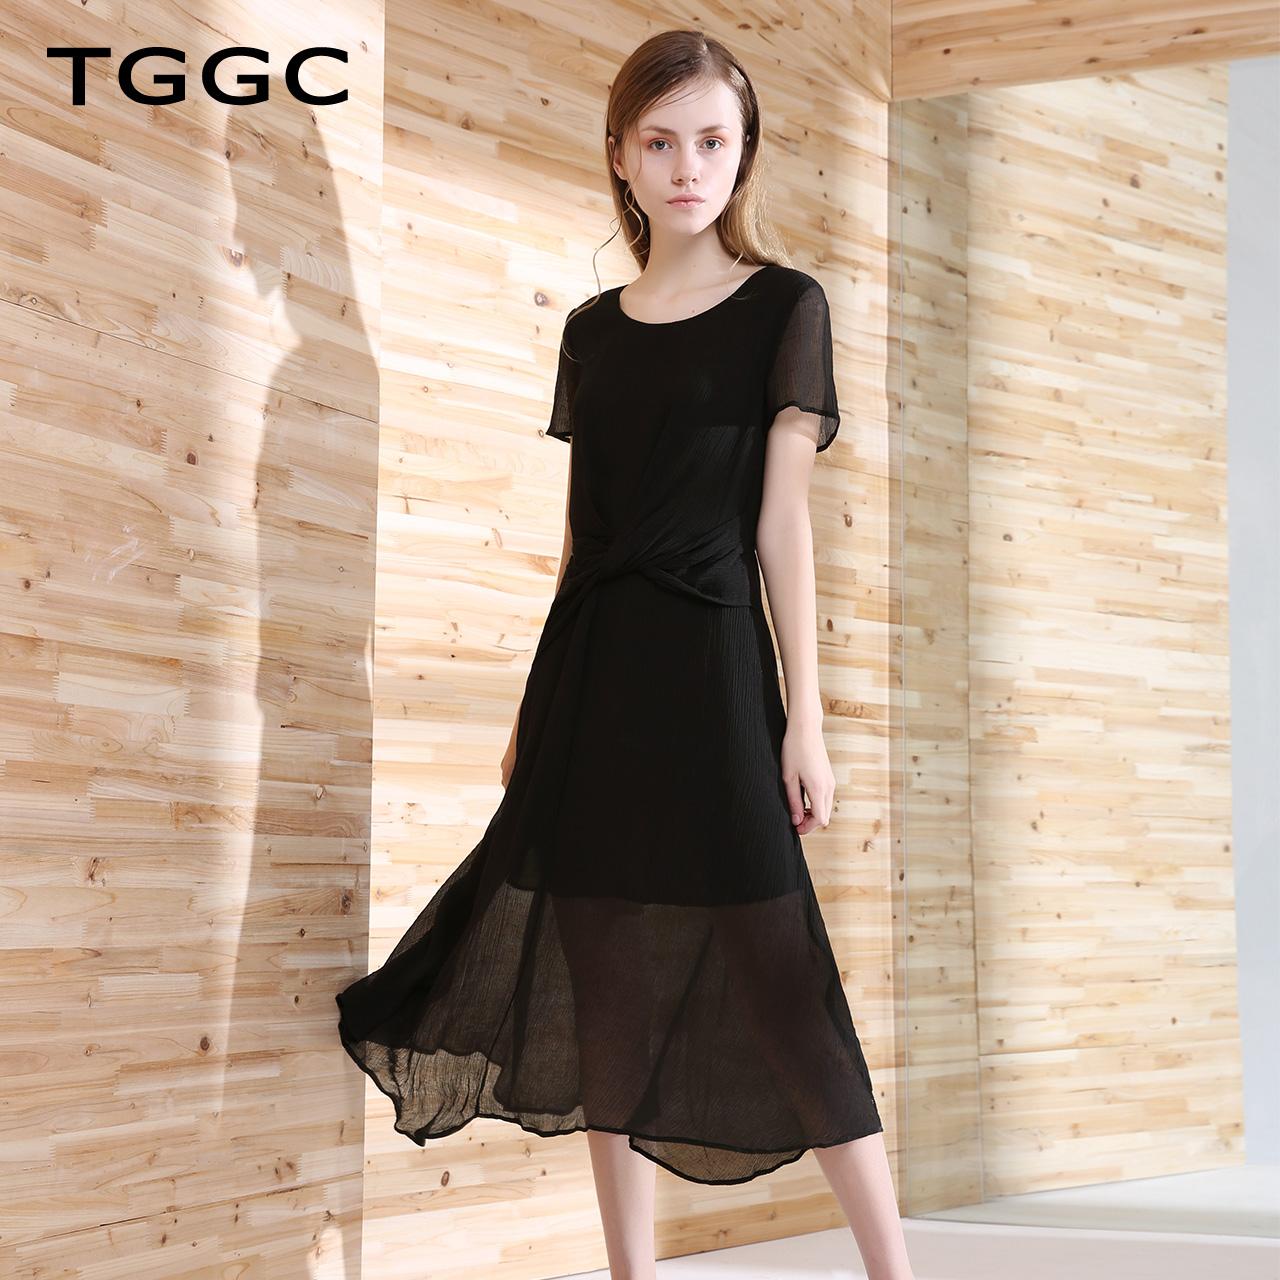 台绣 2018年夏装新款 纯色女装显瘦女长款气质雪纺连衣裙F22557A